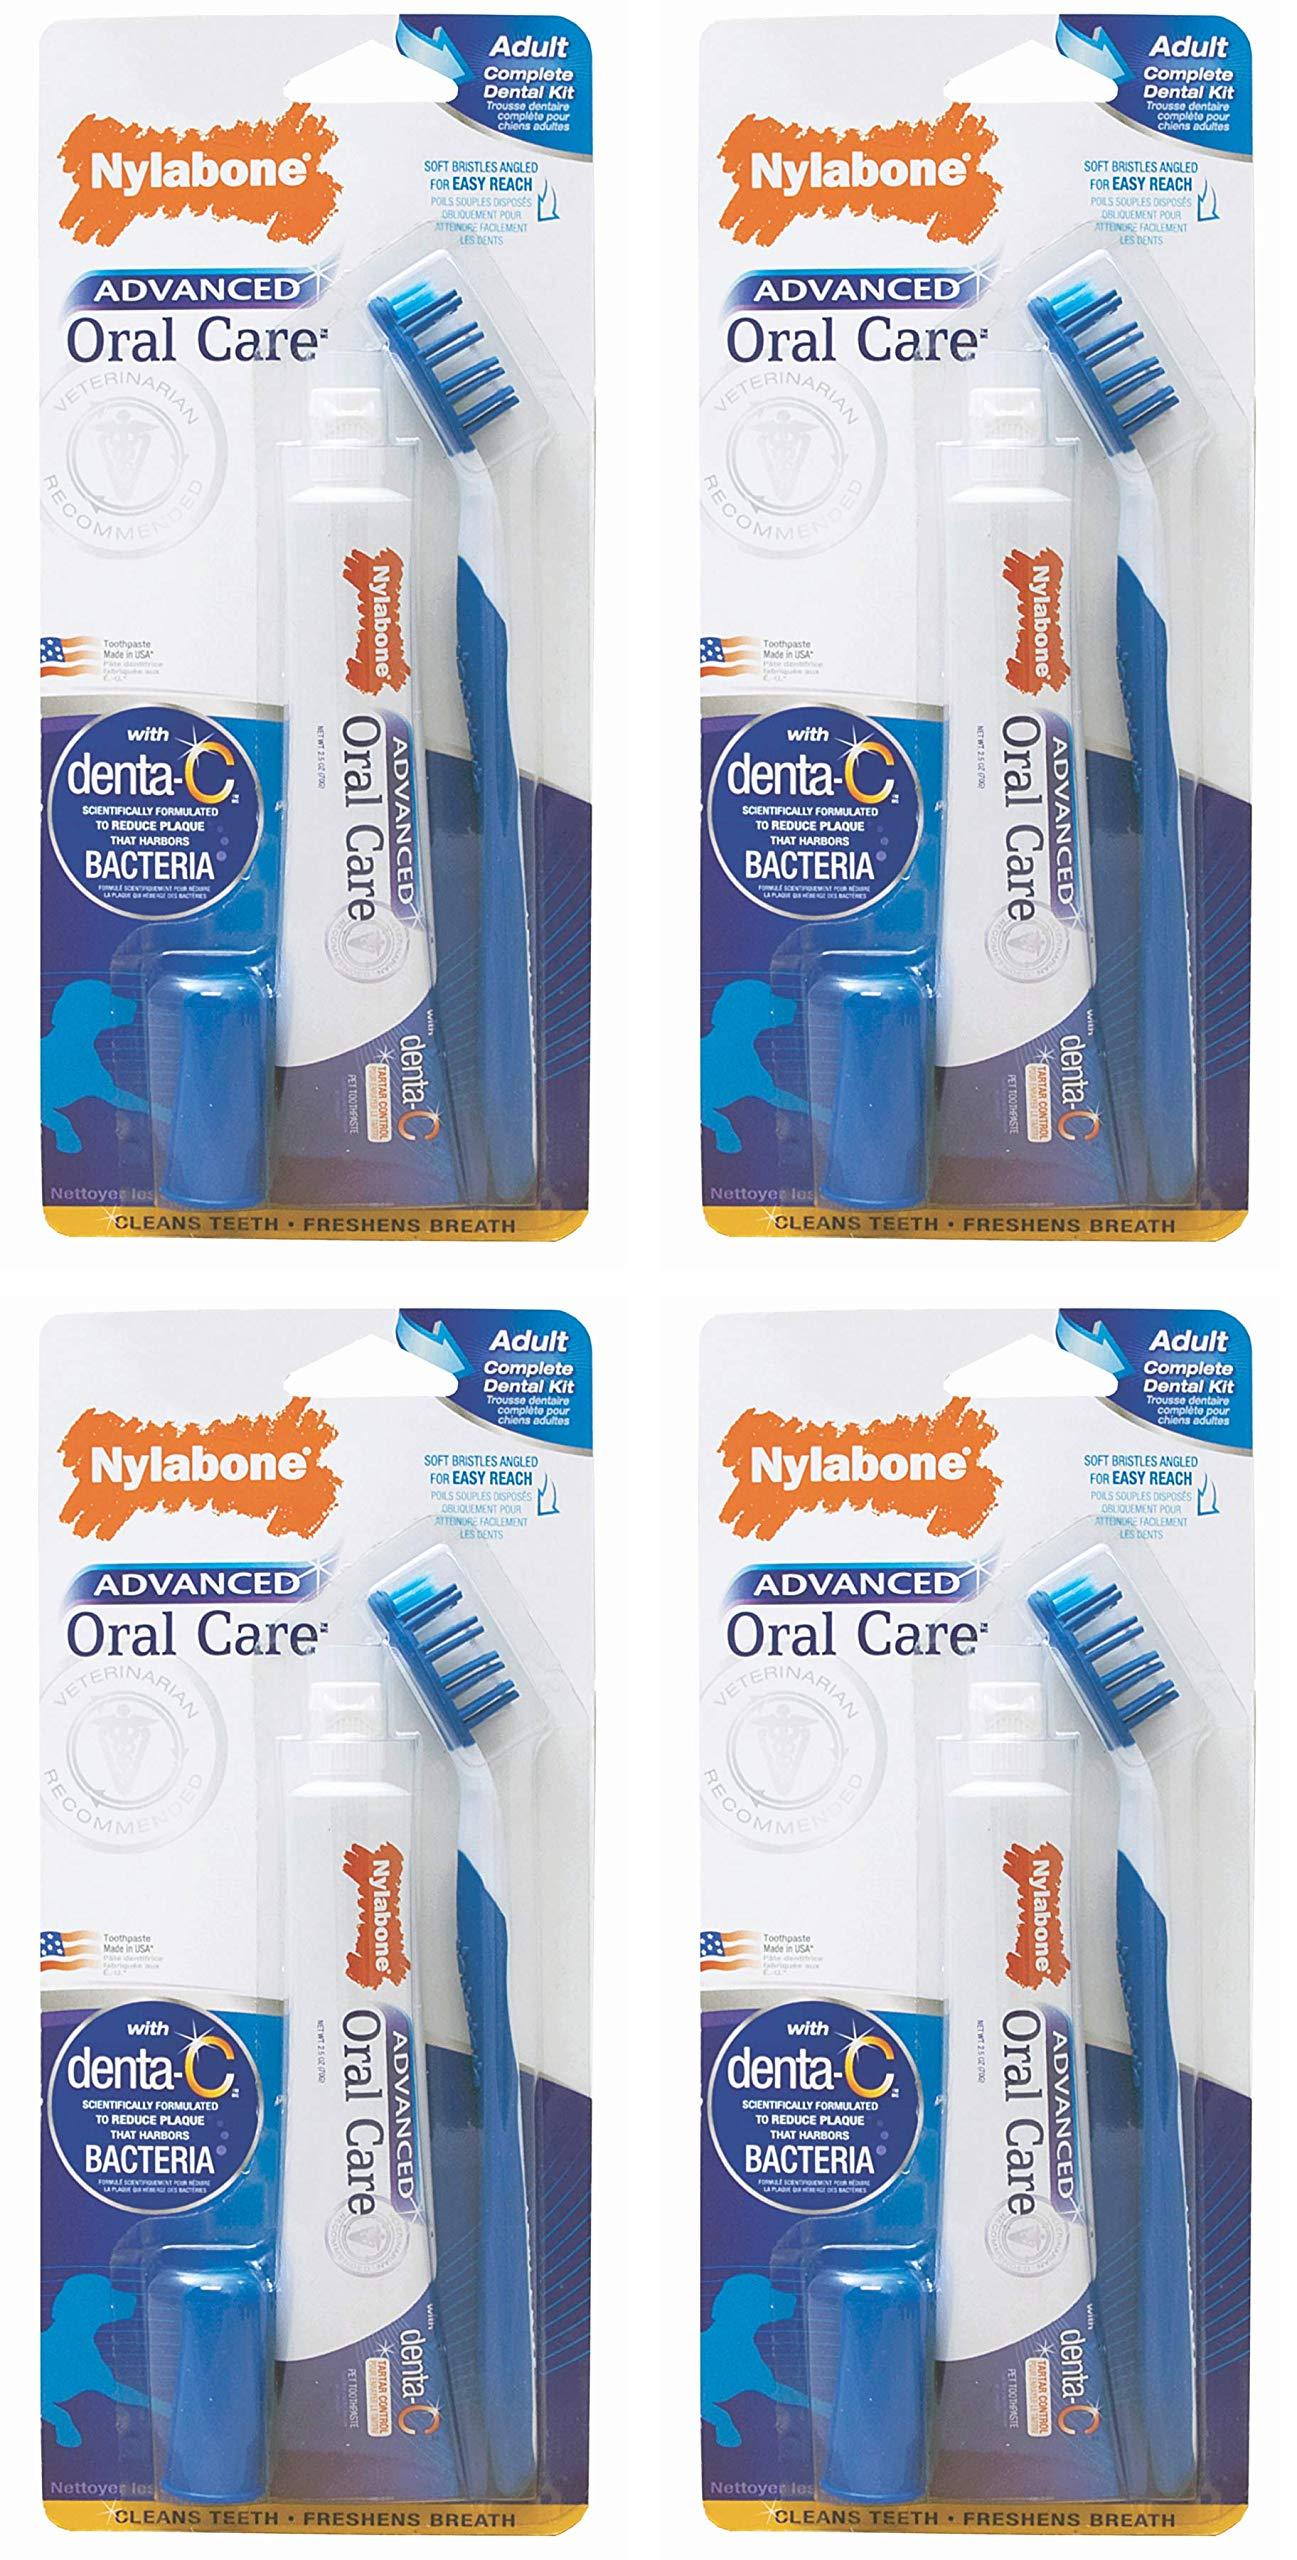 Nylabone Advanced Oral Care Dog Dental Kit, 4 Pack, for Regular Adult Dog Tooth Brushing by Nylabone